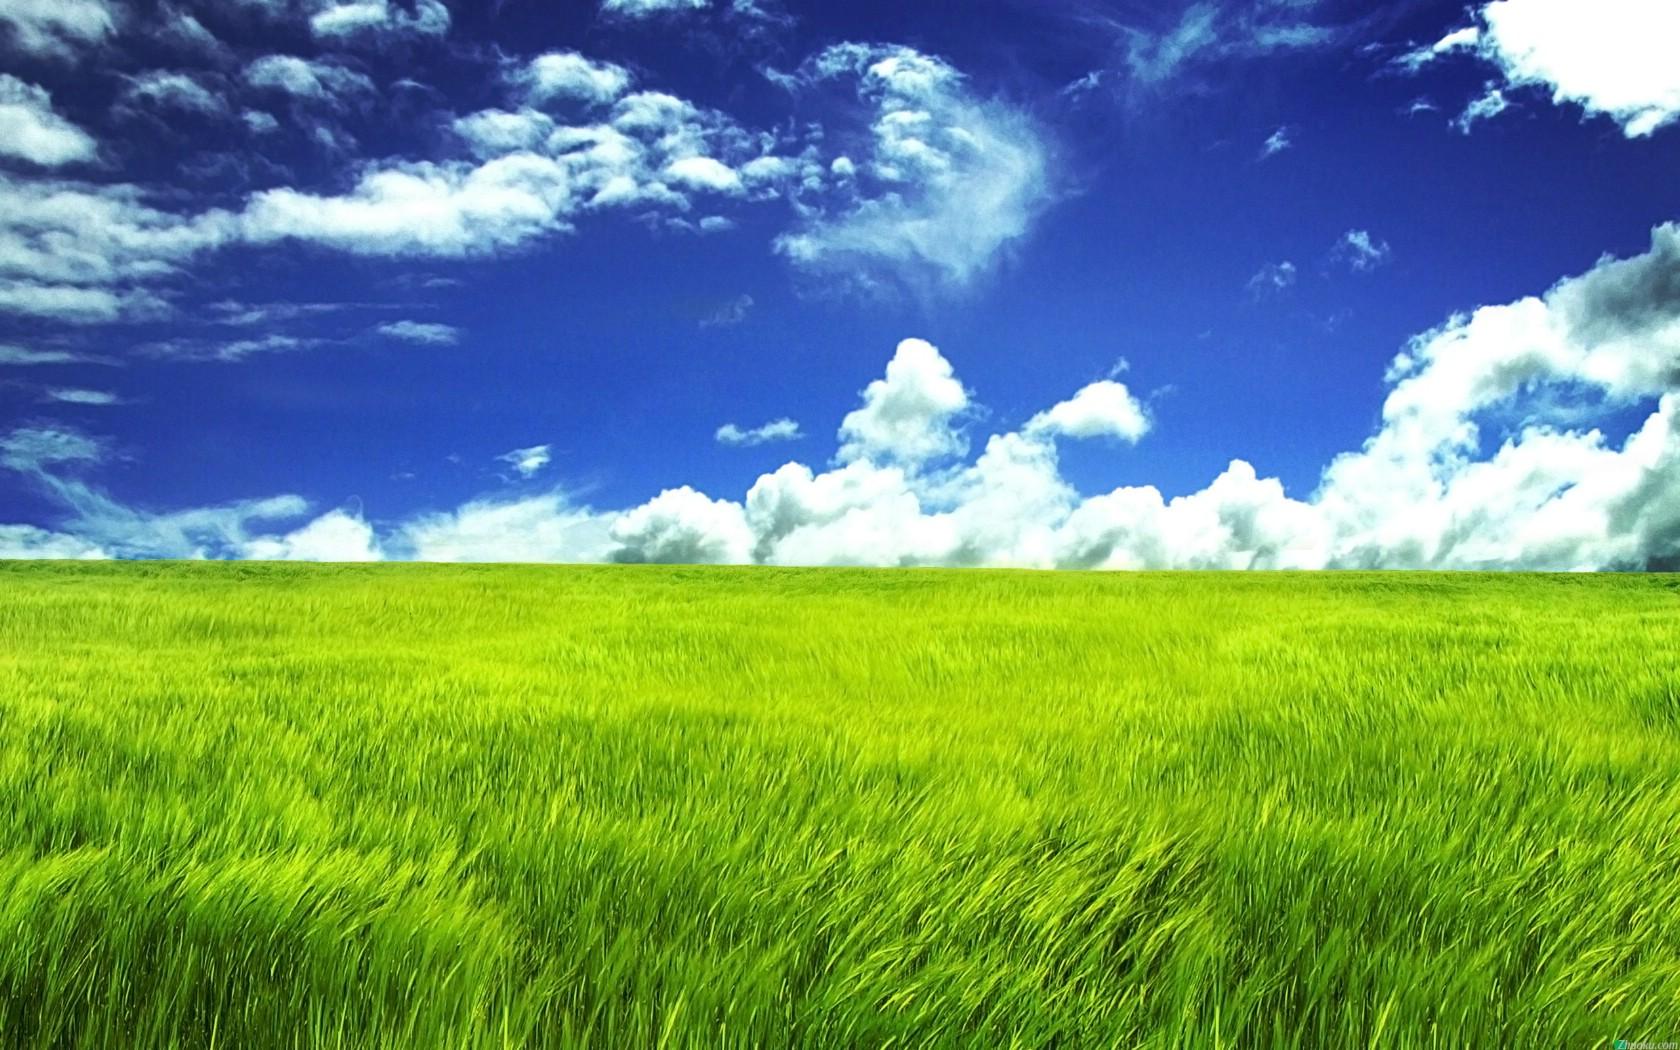 风景壁纸 壁纸下载 美  纯净蓝色大海高清护眼风景电脑桌面壁纸下载5p